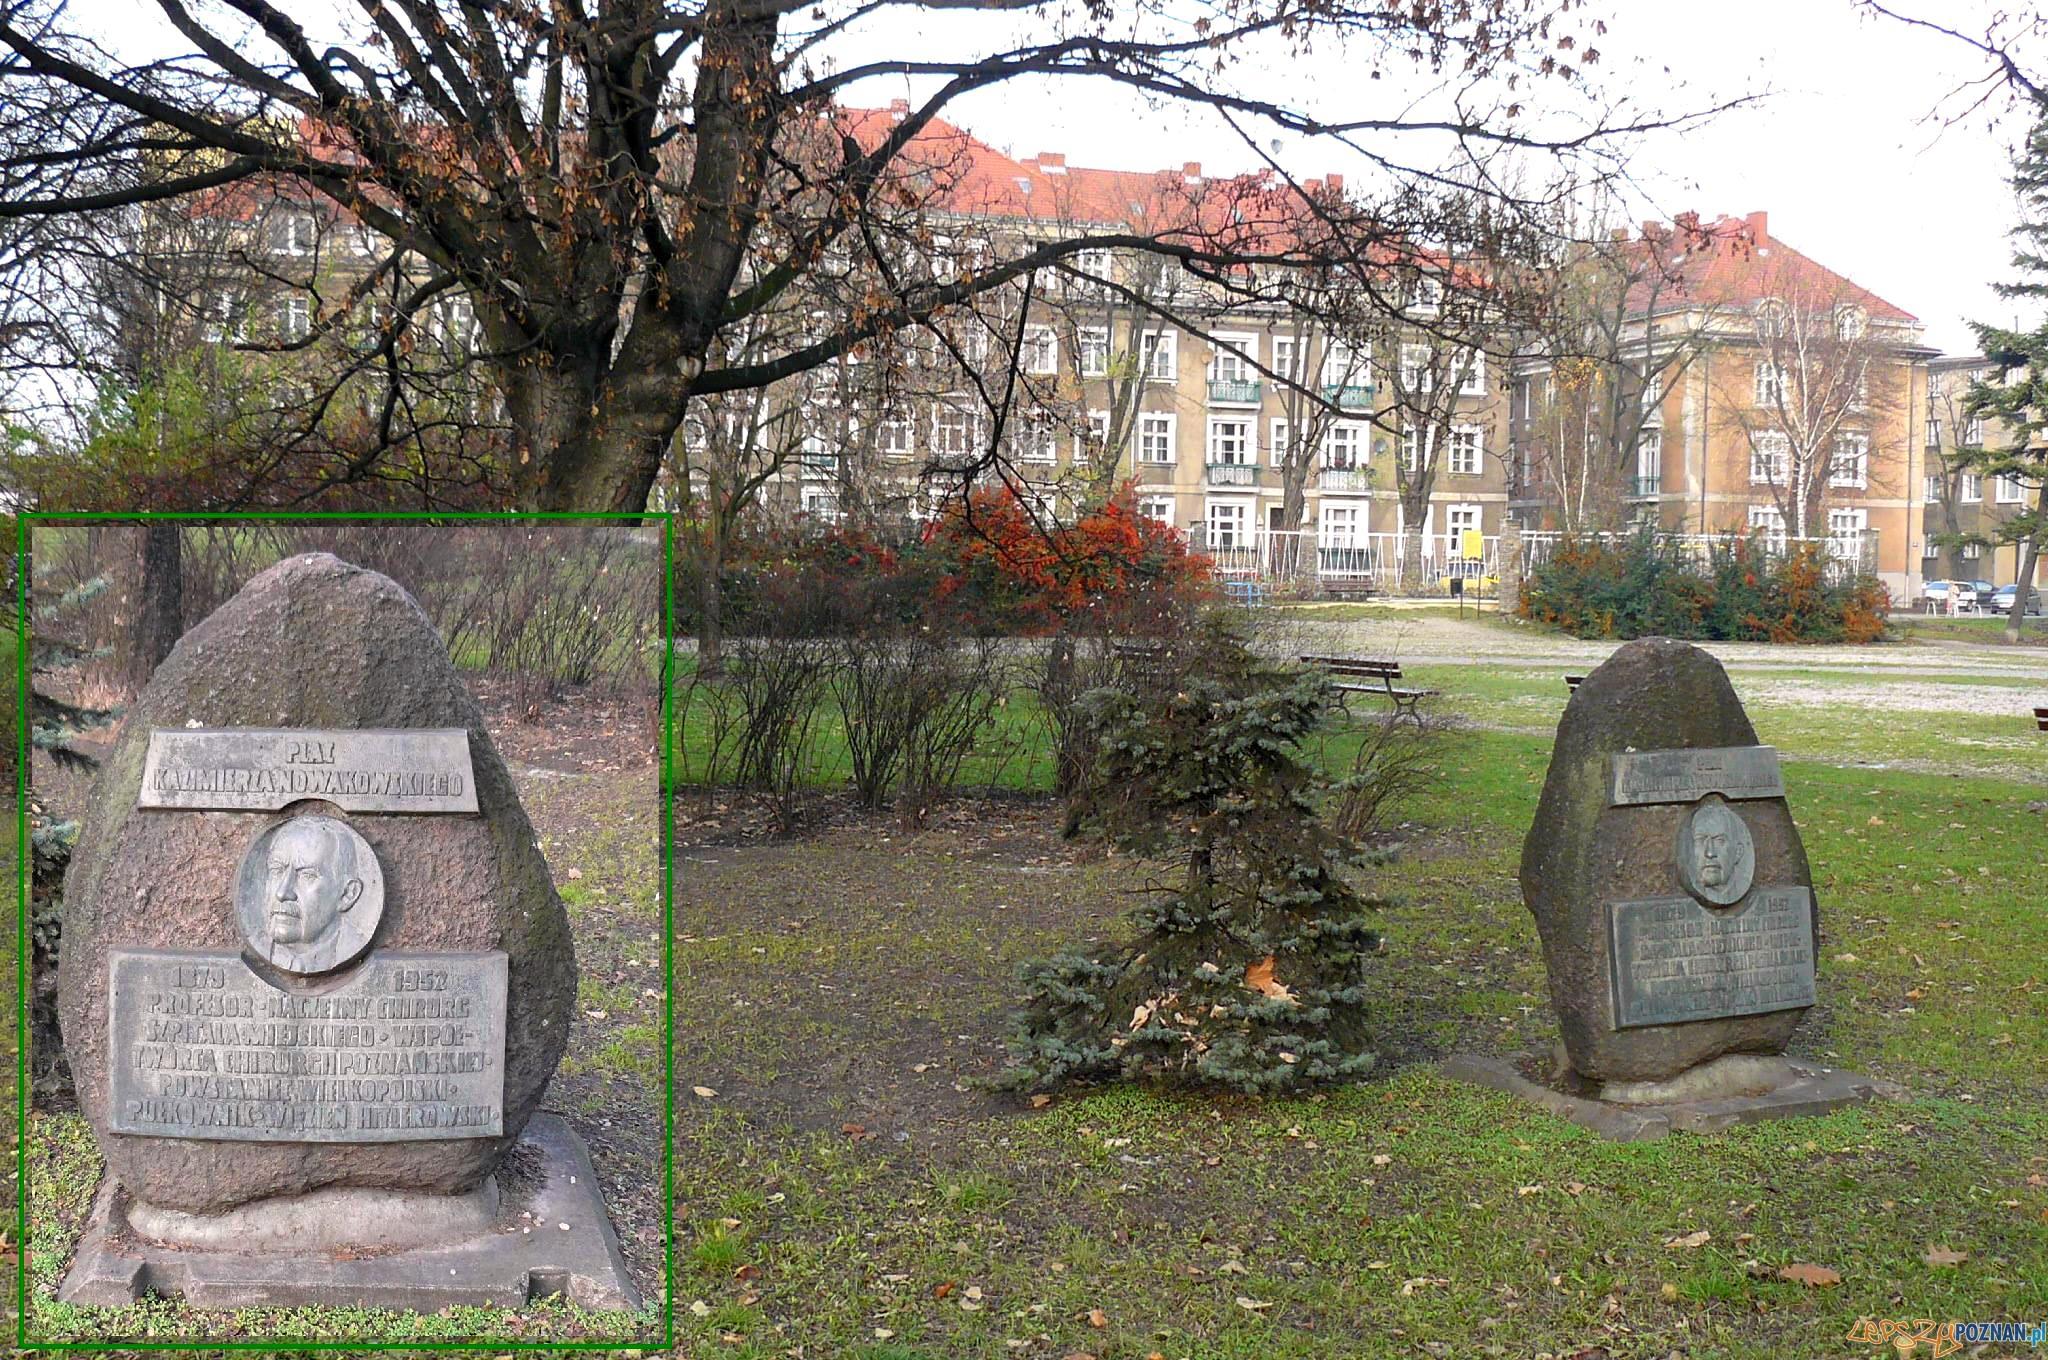 Głaz Kazimierza Nowakowskiego